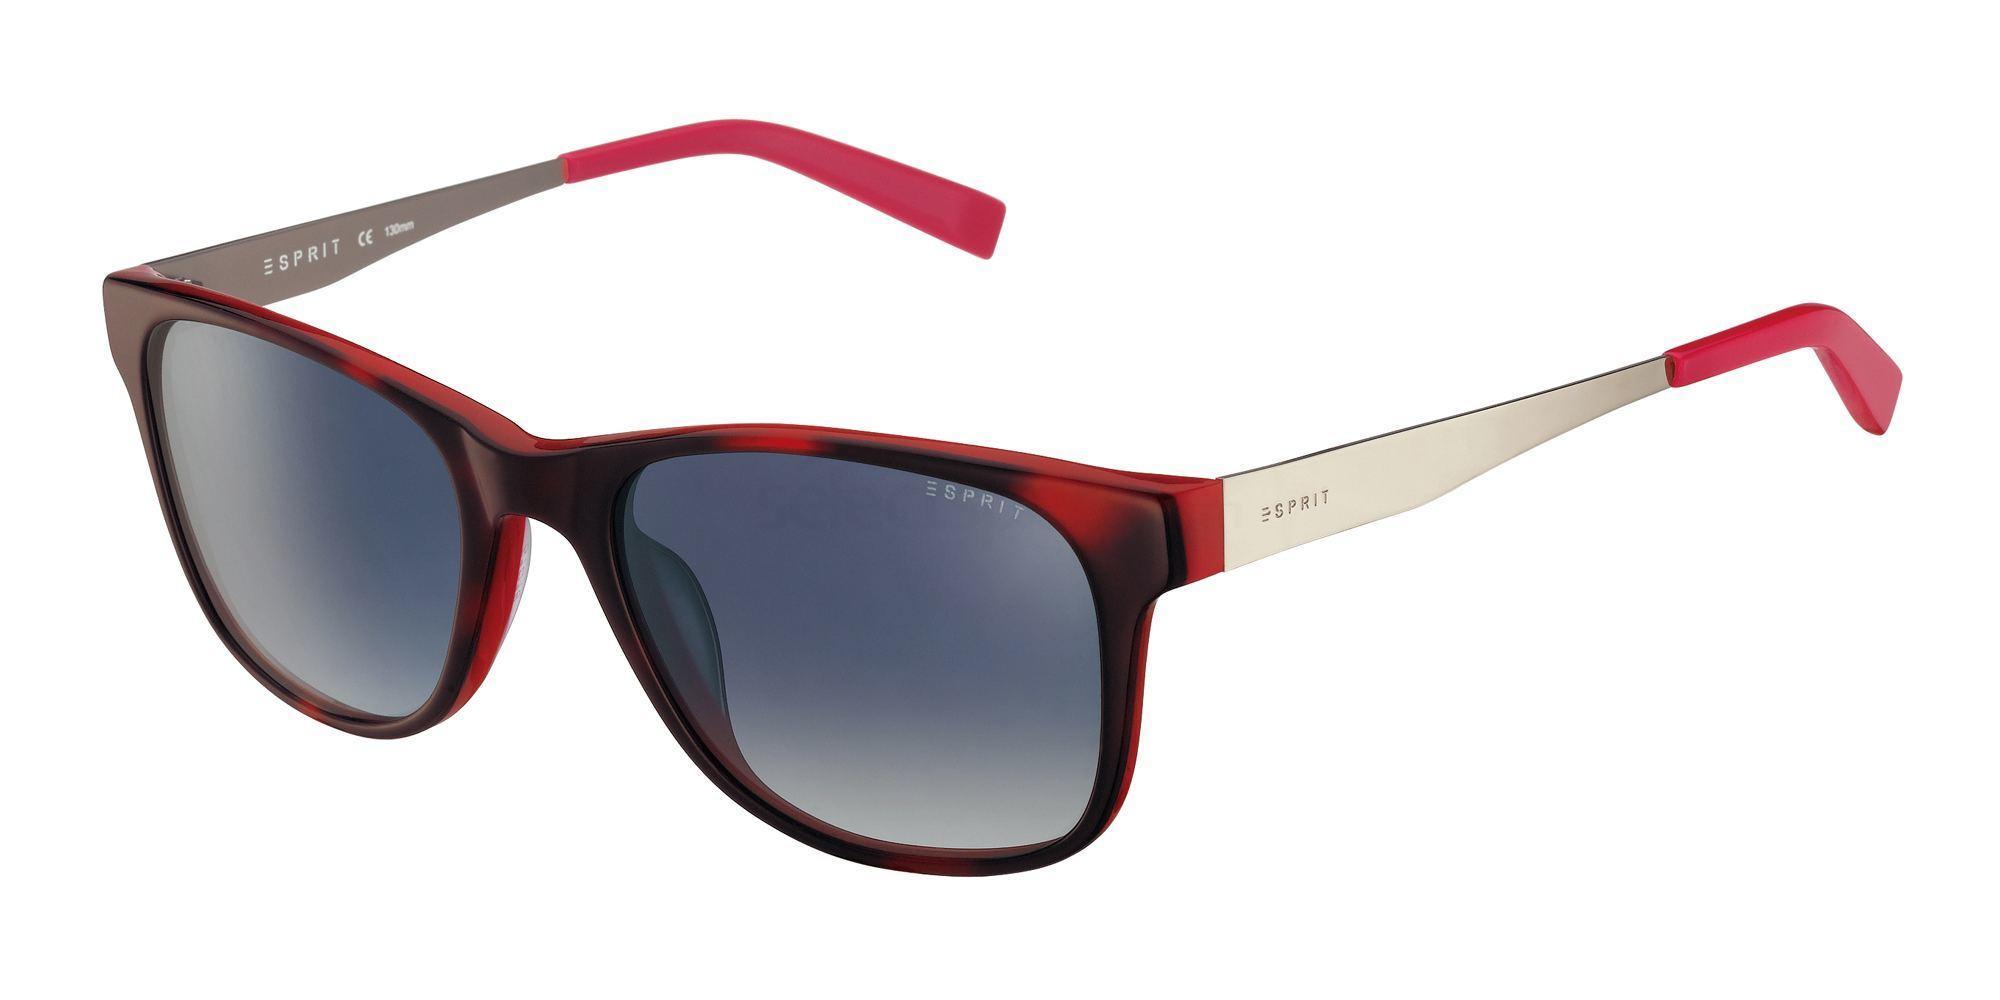 531 ET17857 Sunglasses, Esprit